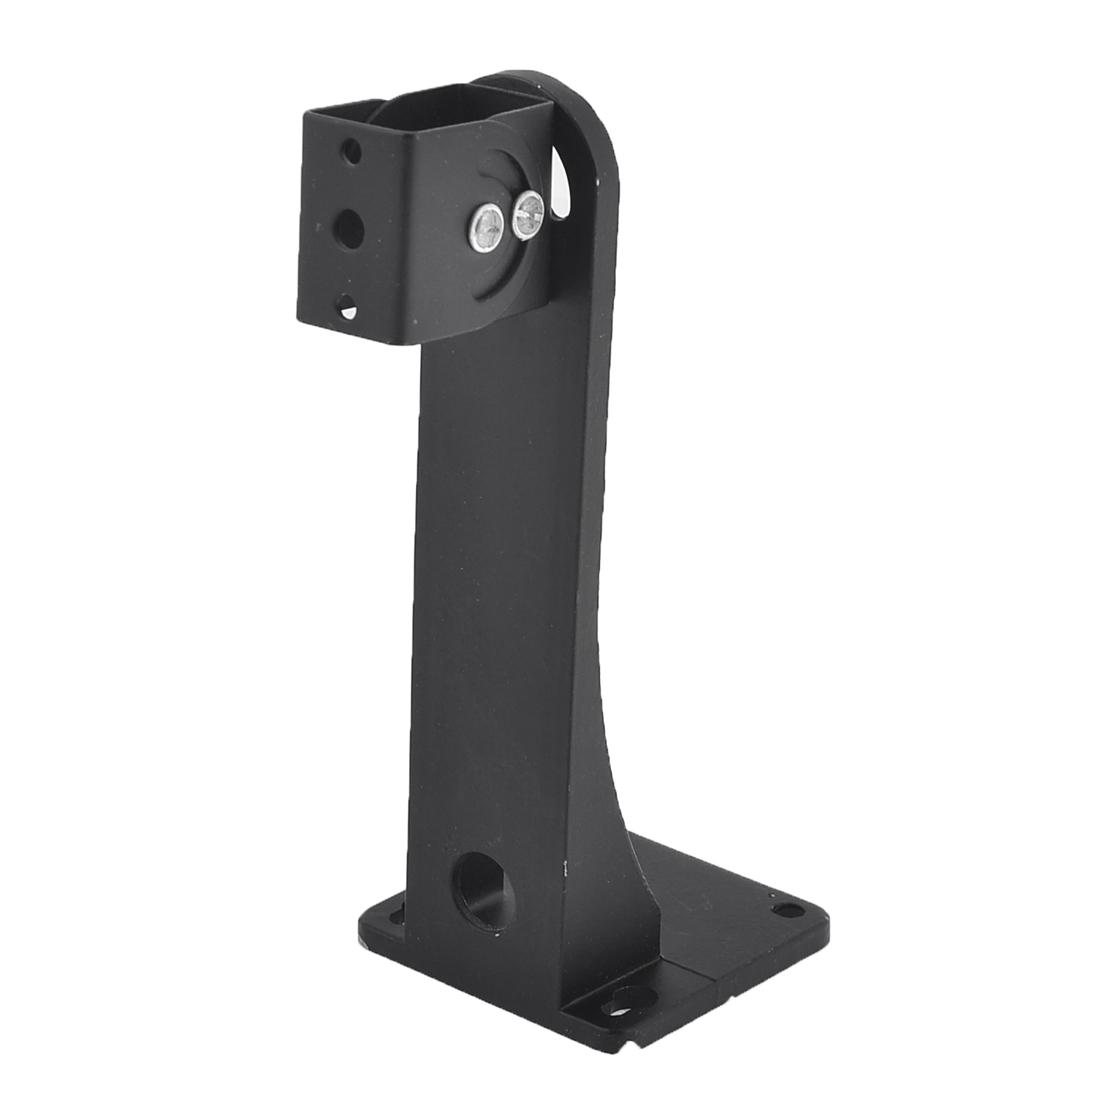 """Black Ceilling Mount Indoor Outdoor Security CCTV Camera Bracket 6.5"""""""